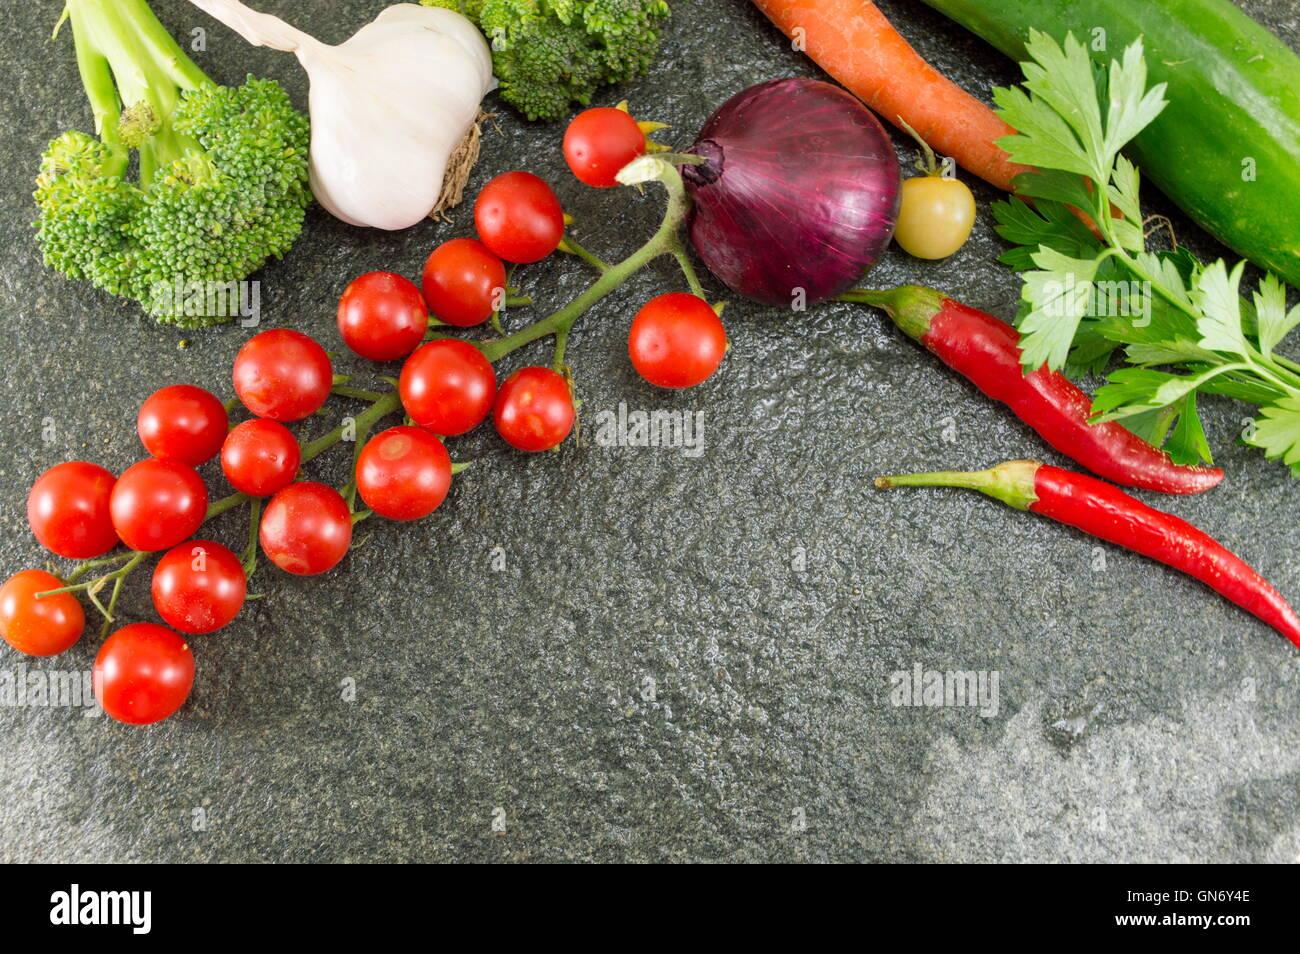 Tomate y pimiento rojo sobre fondo de piedra Imagen De Stock